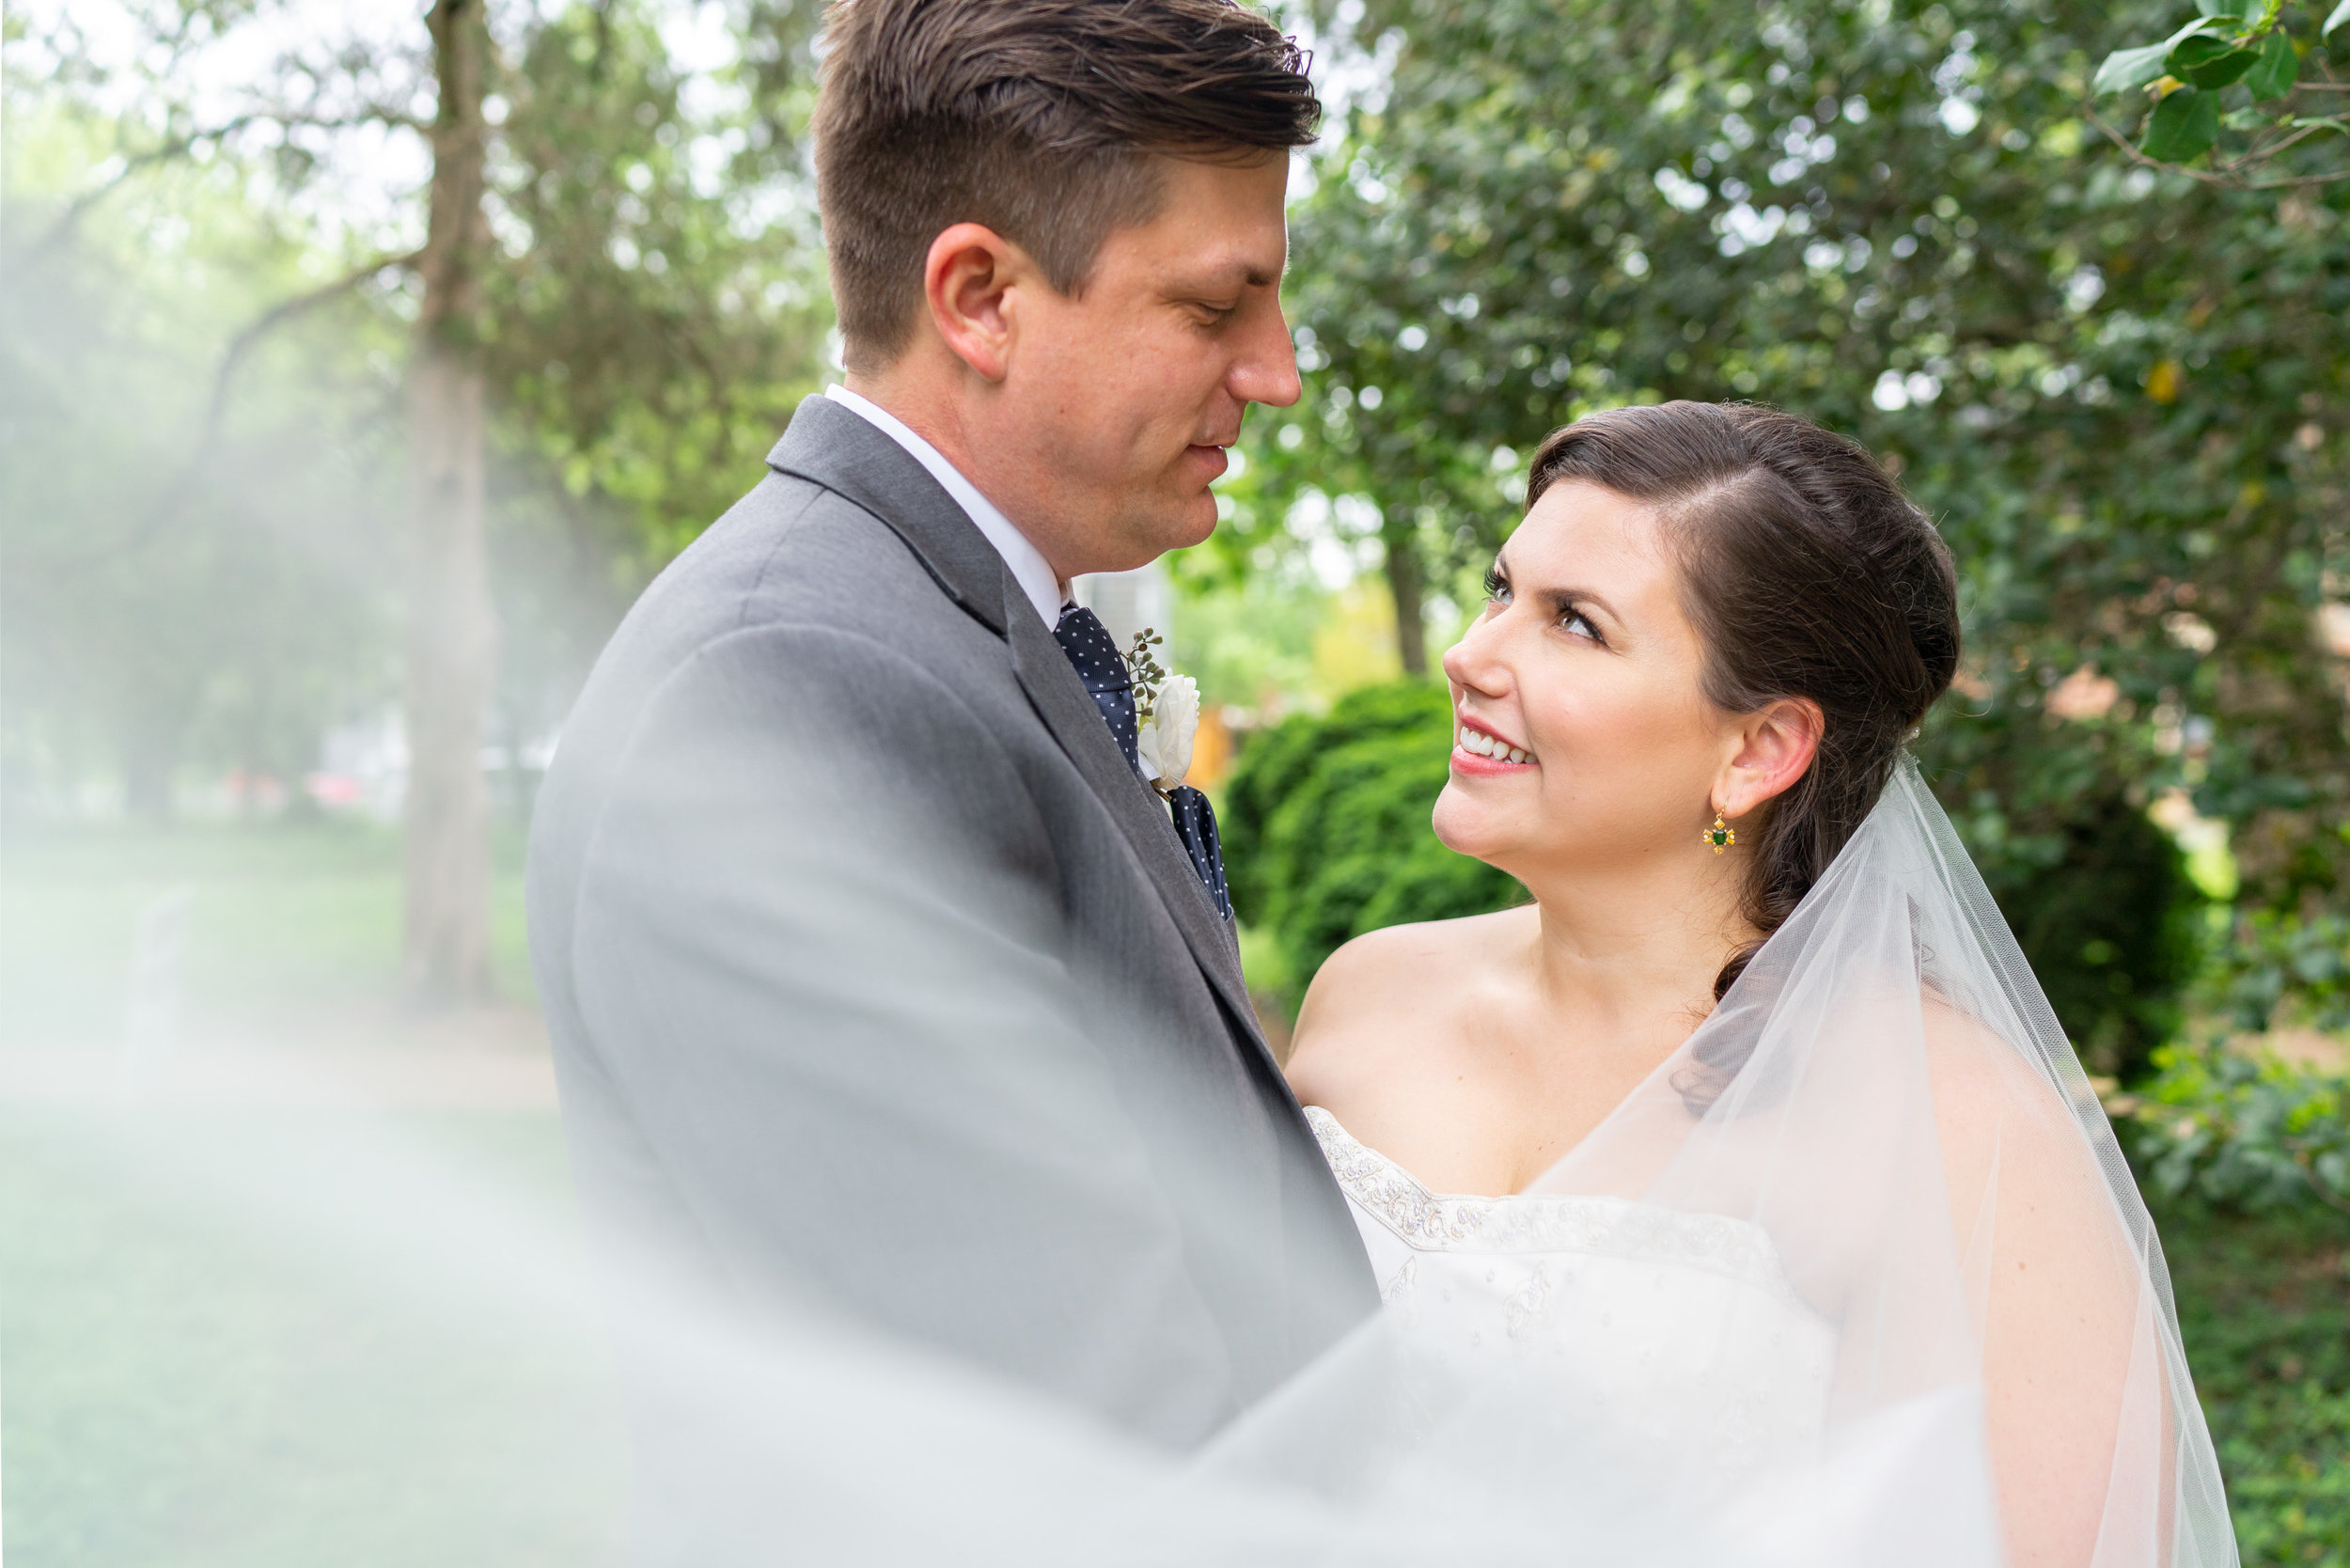 Summer wedding at Hendry House in Arlington Virginia